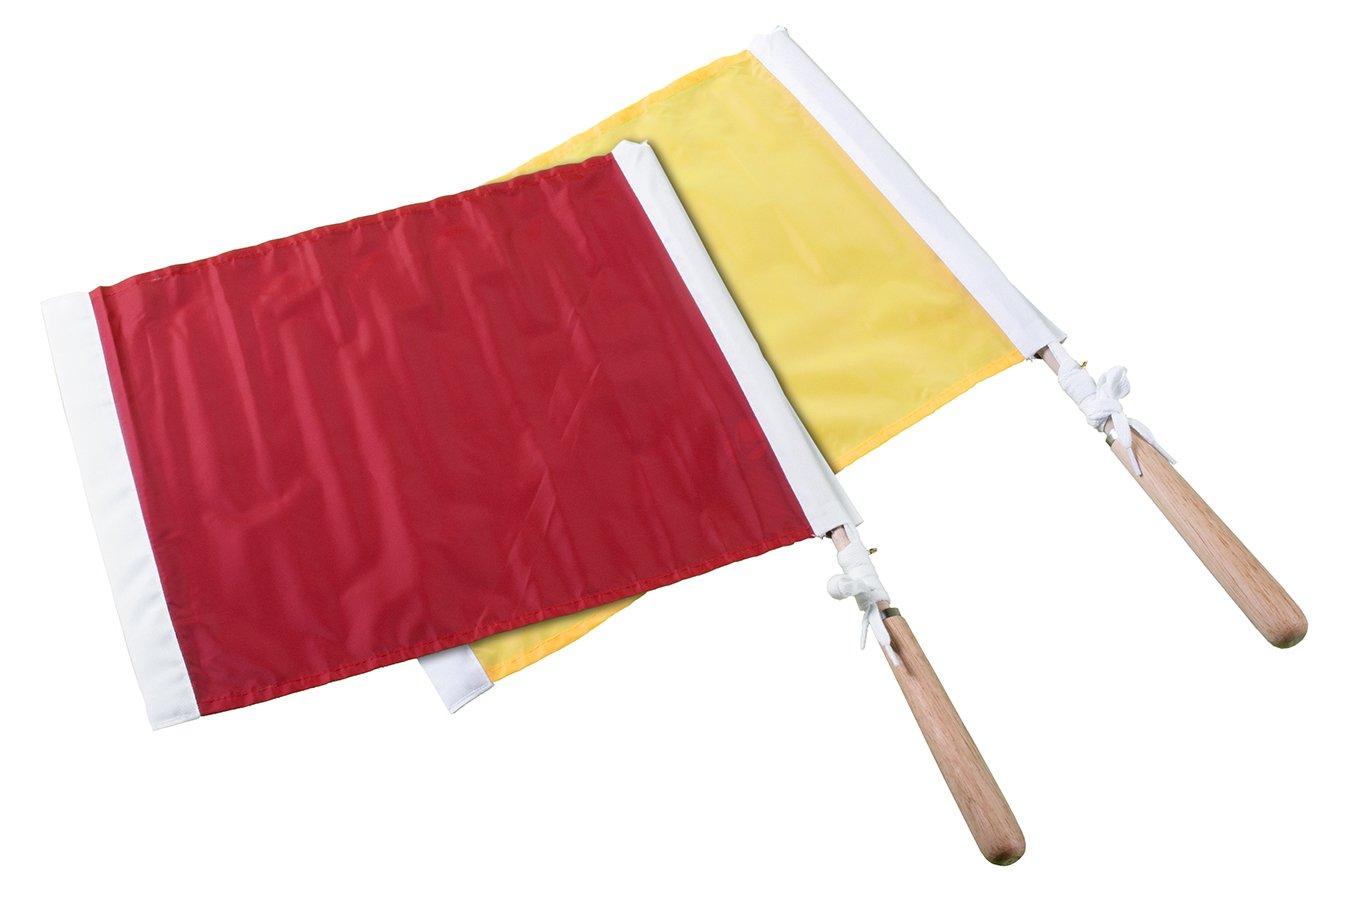 B0000ASMAP Kwik Goal Soccer Linesman Flags 61IL0LedQmL